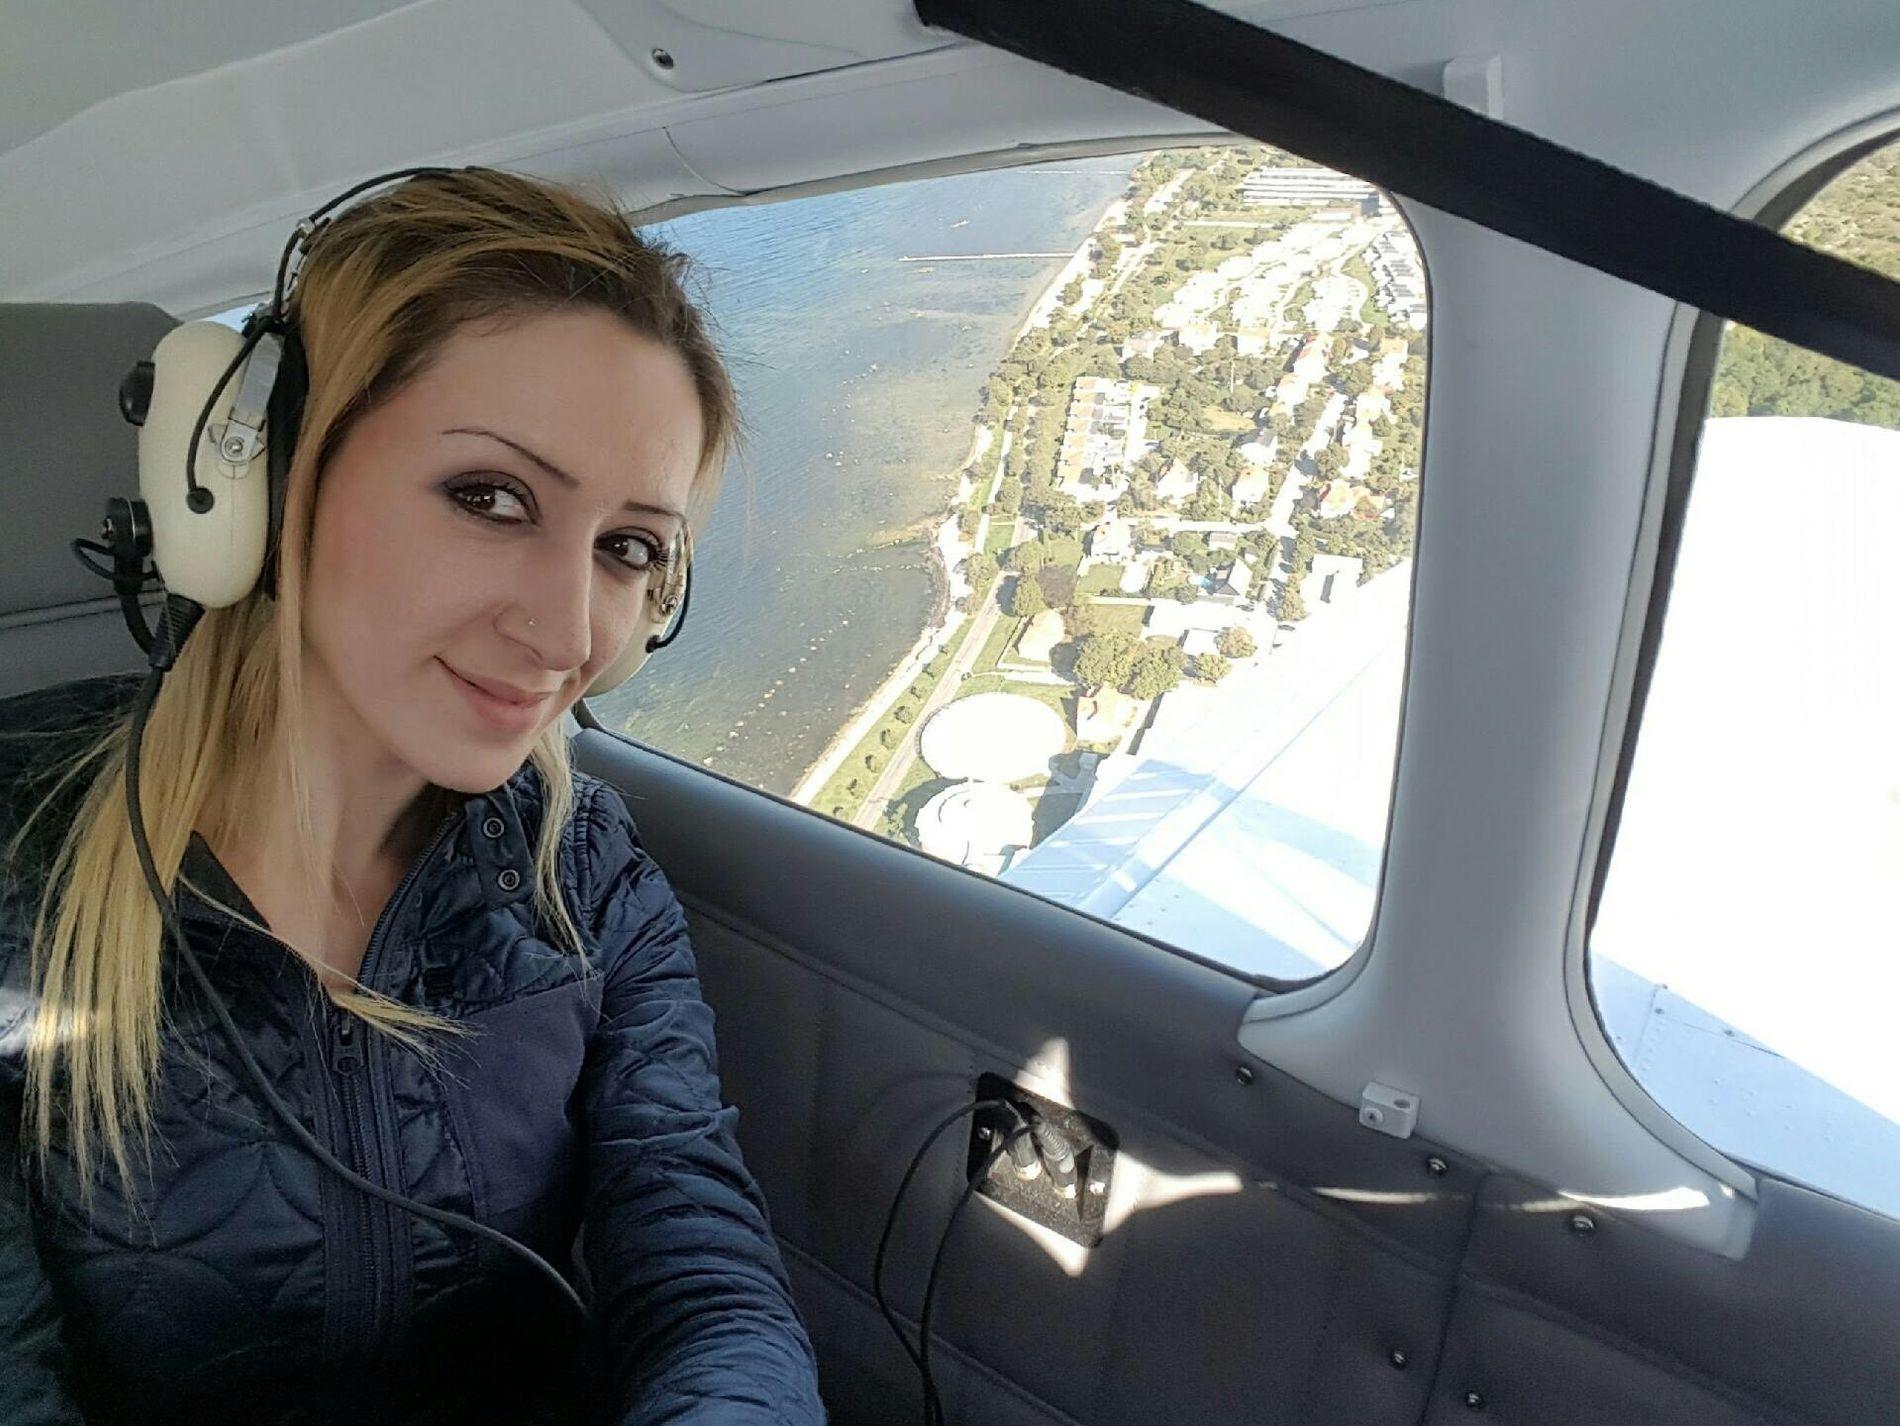 AVLYSER FERIE: Lina Assad ser på Sverige som sitt hjemland, etter å ha bodd der i 25 år. I USA er det hennes irakiske opprinnelse som vektlegges. FOTO: PRIVAT